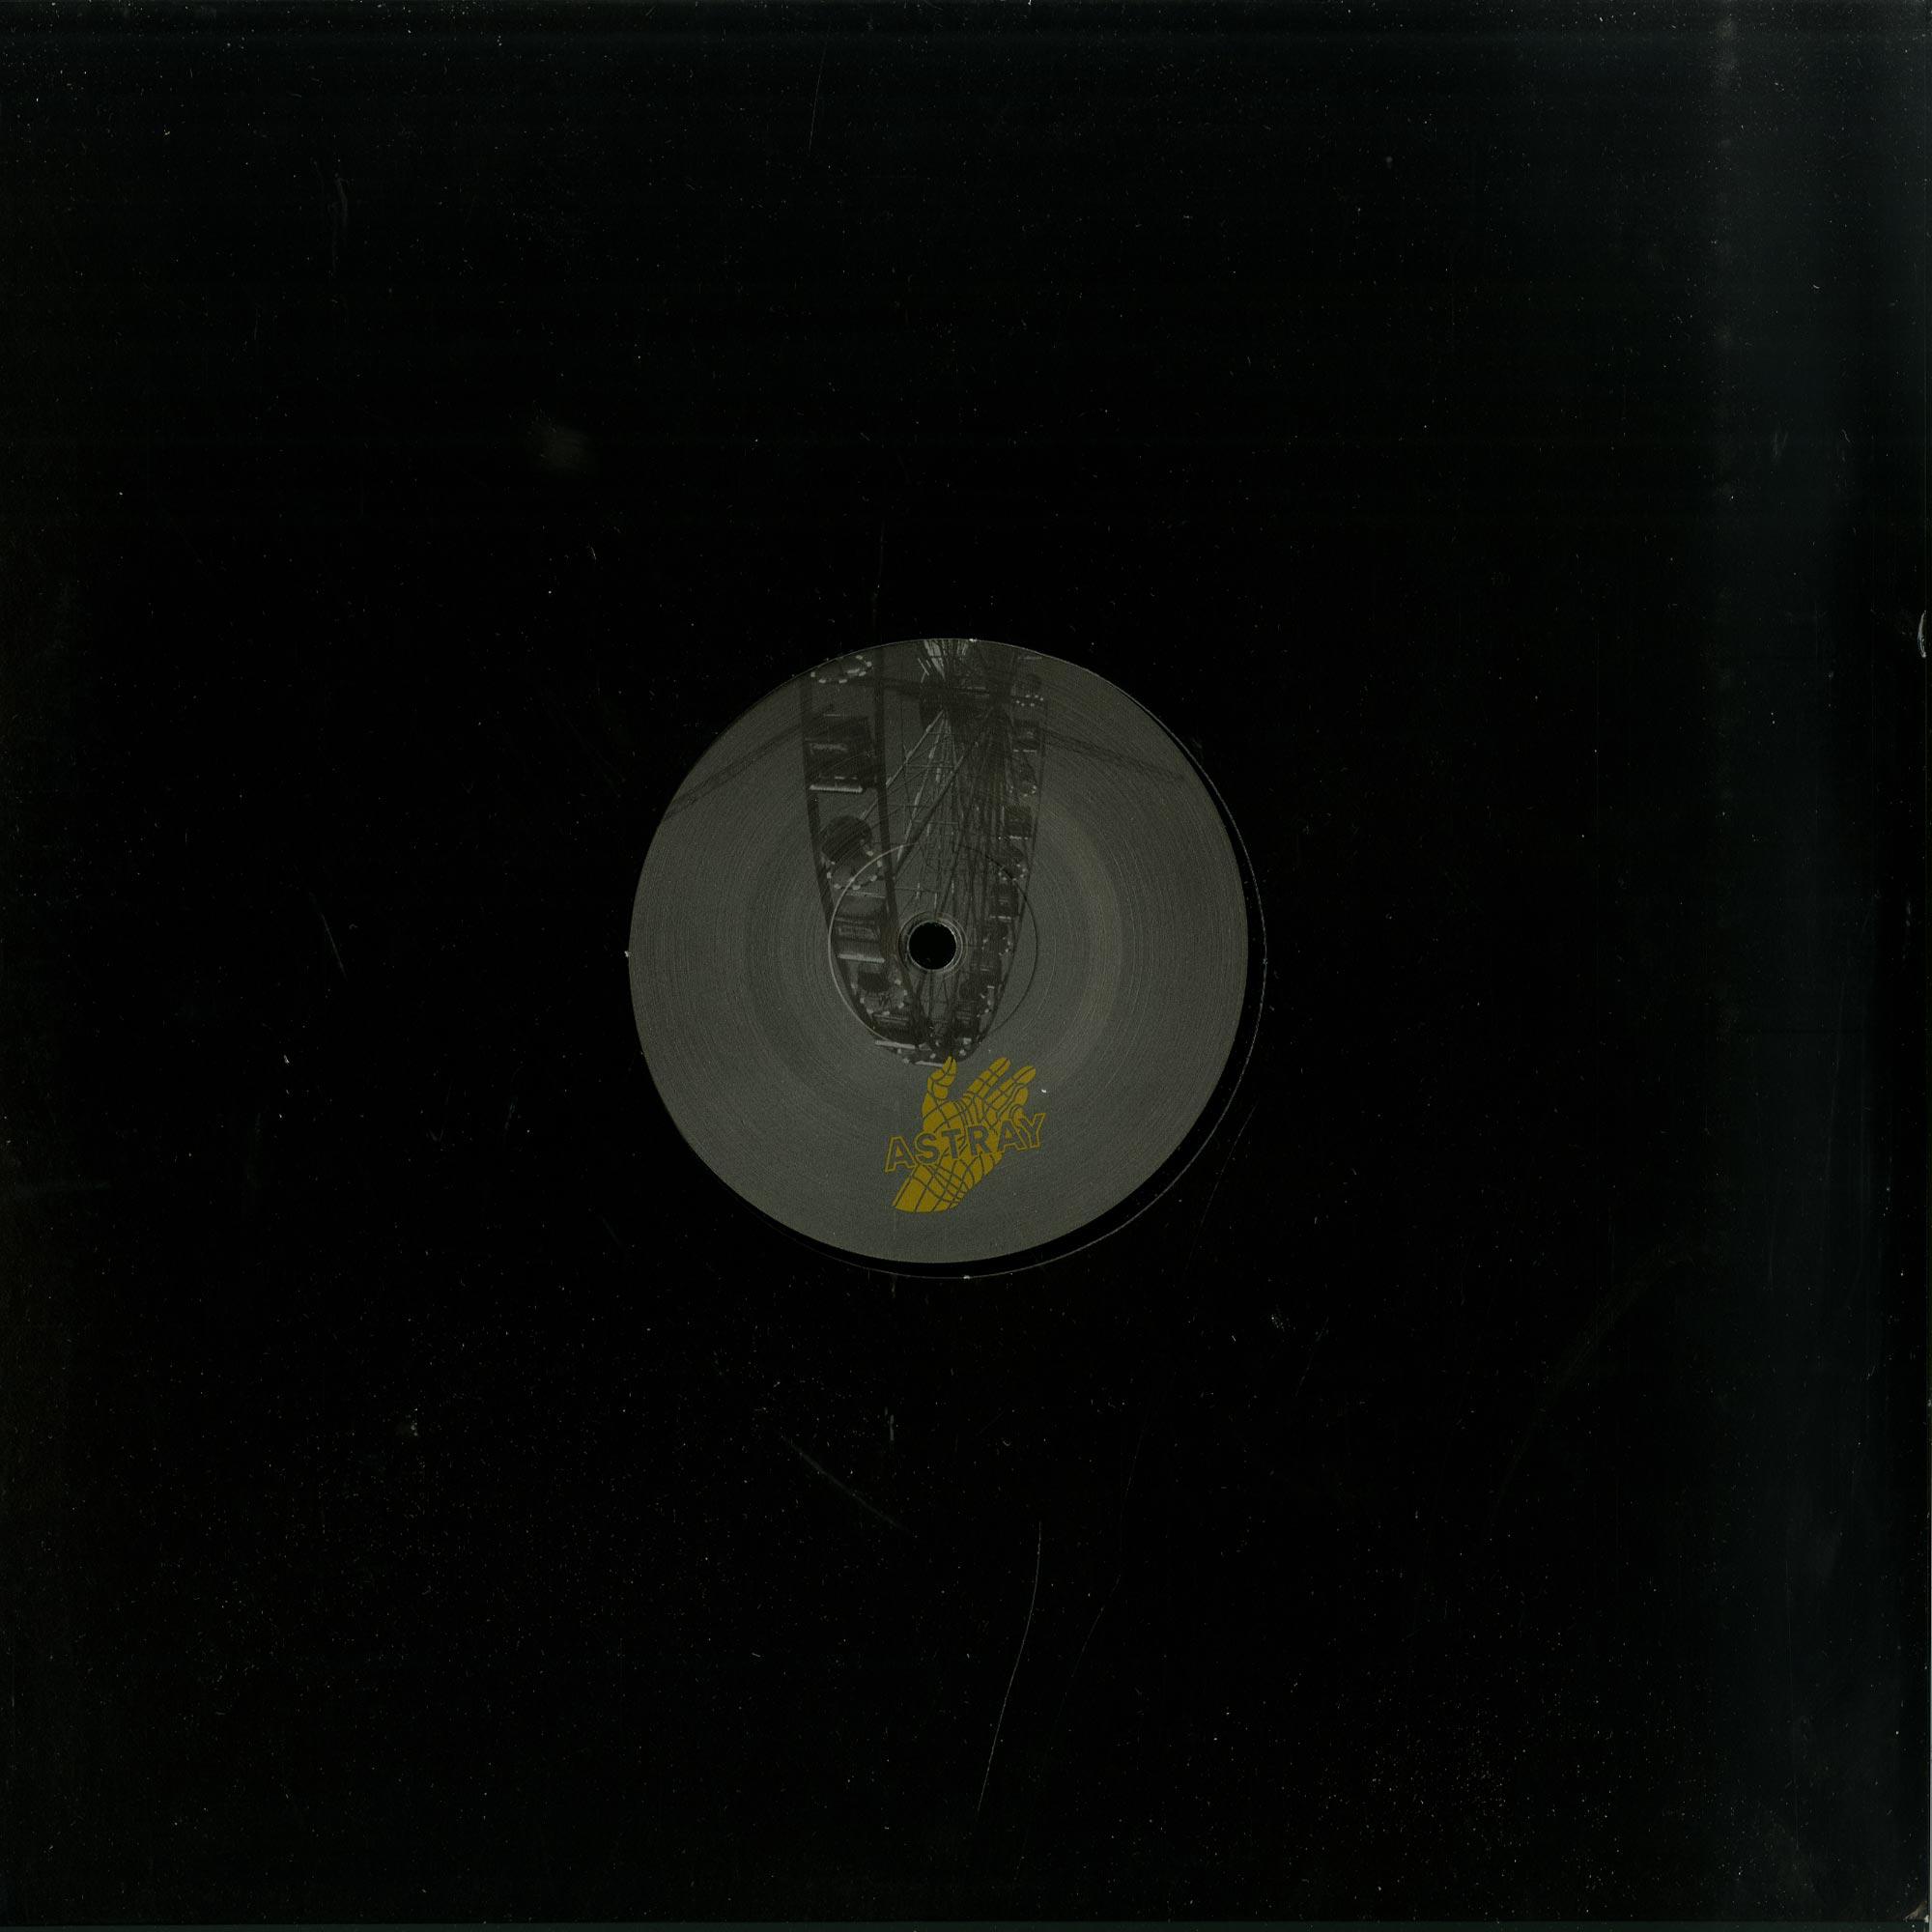 H4l - FOUR LIGHTS EP